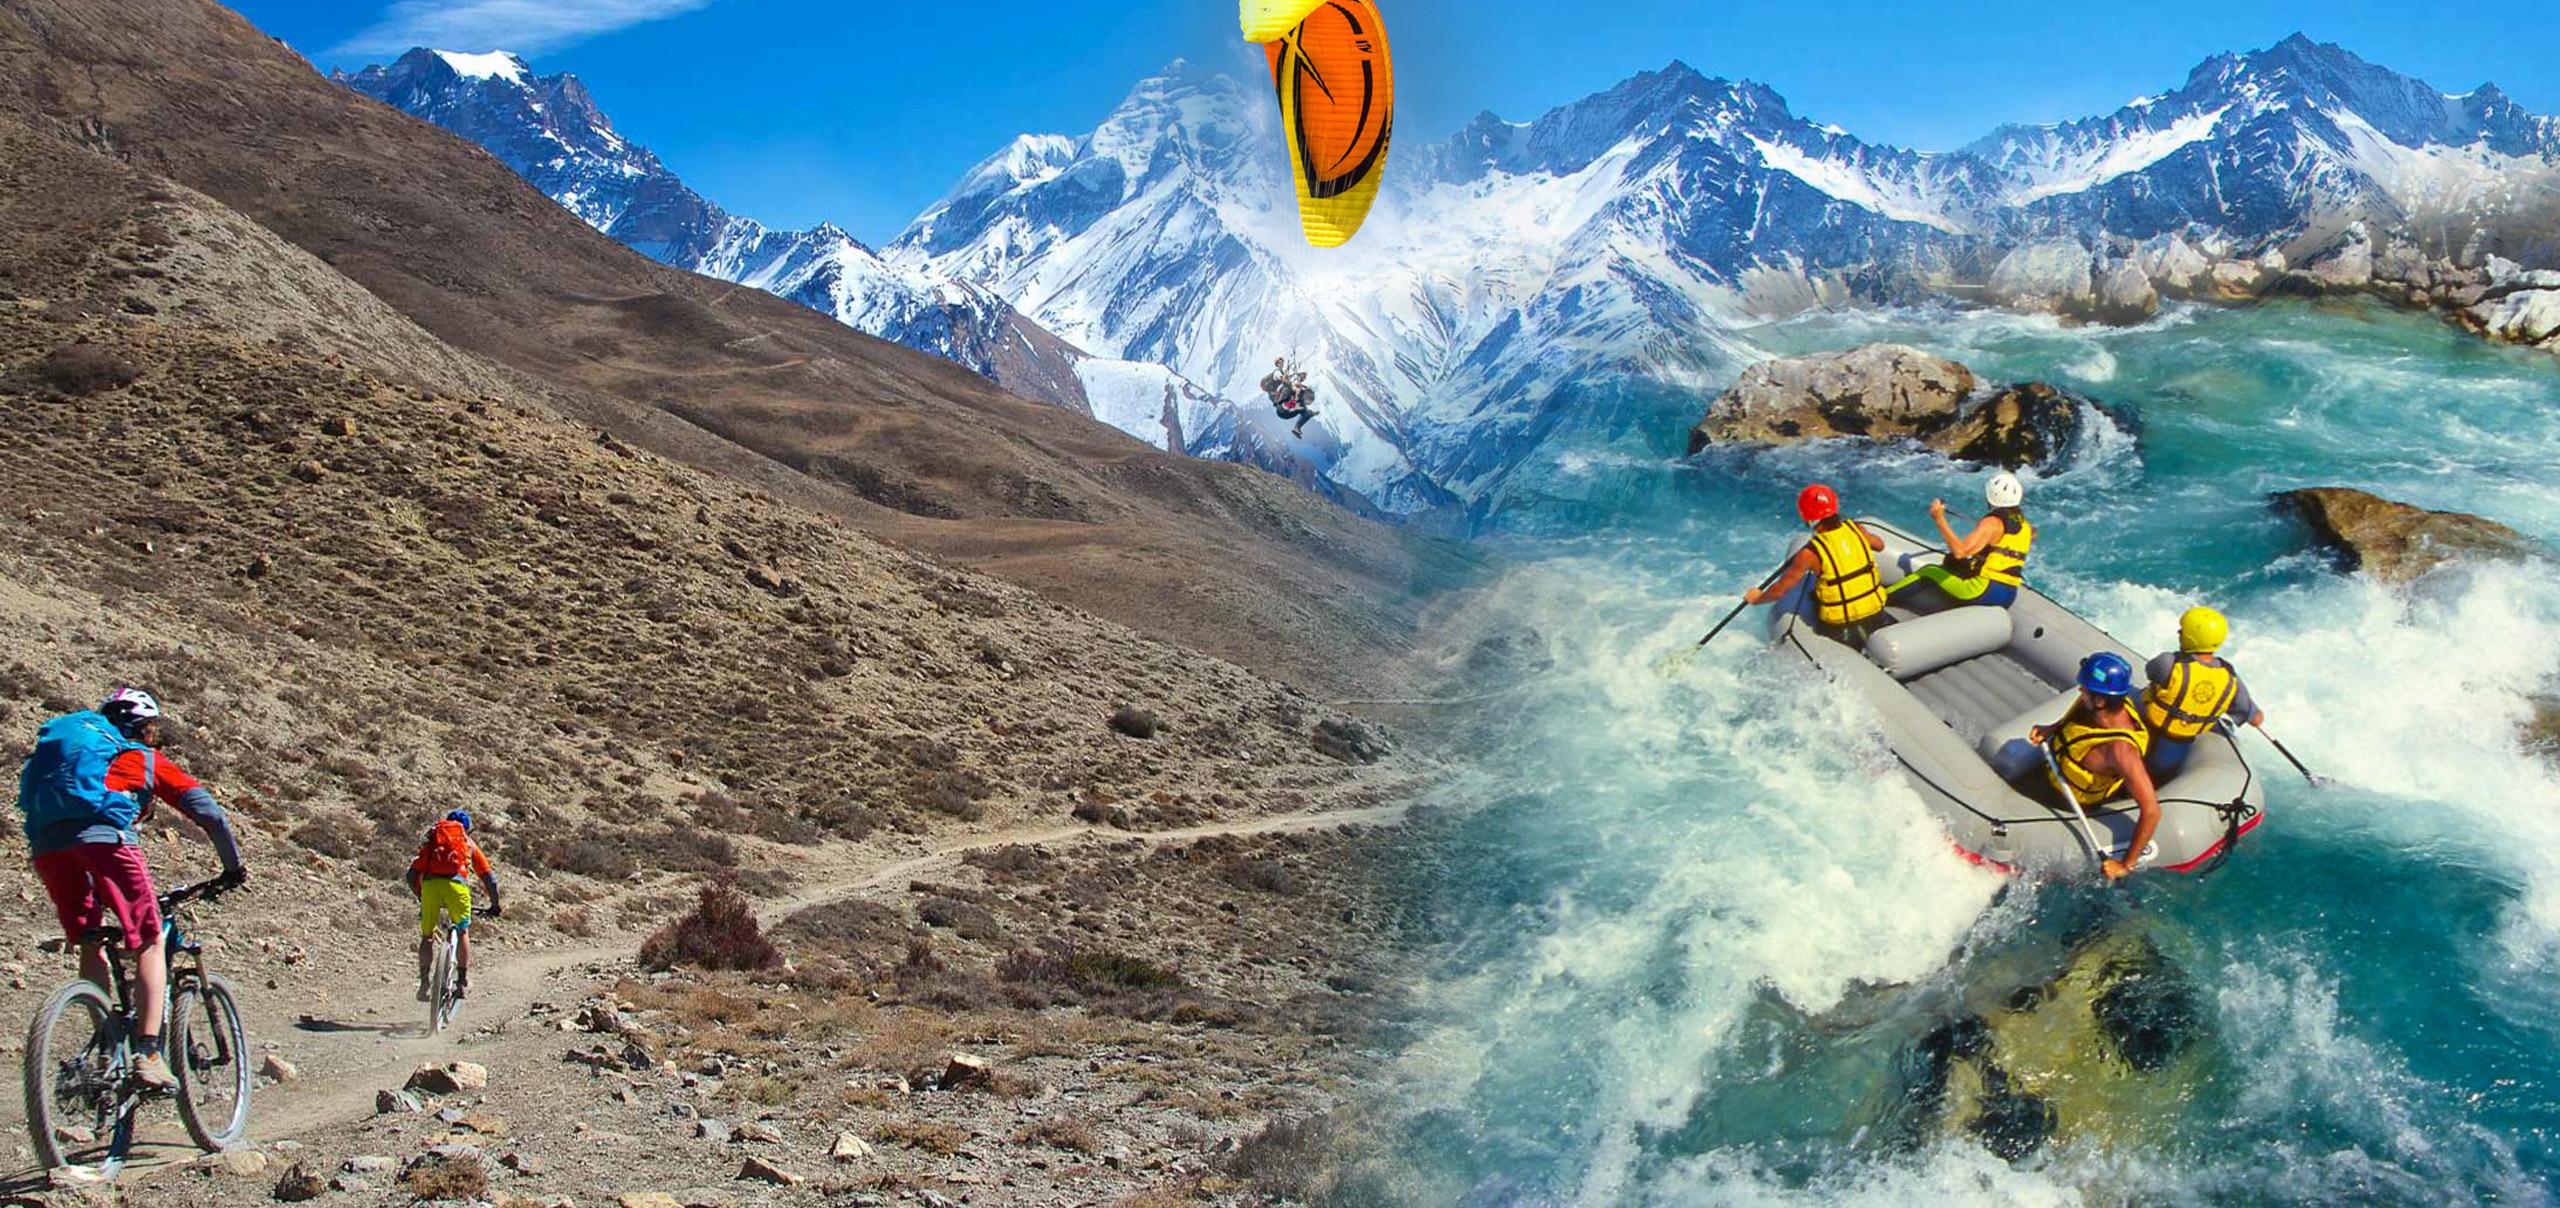 Venez découvrir les activités pleine nature au Népal (rafting...)